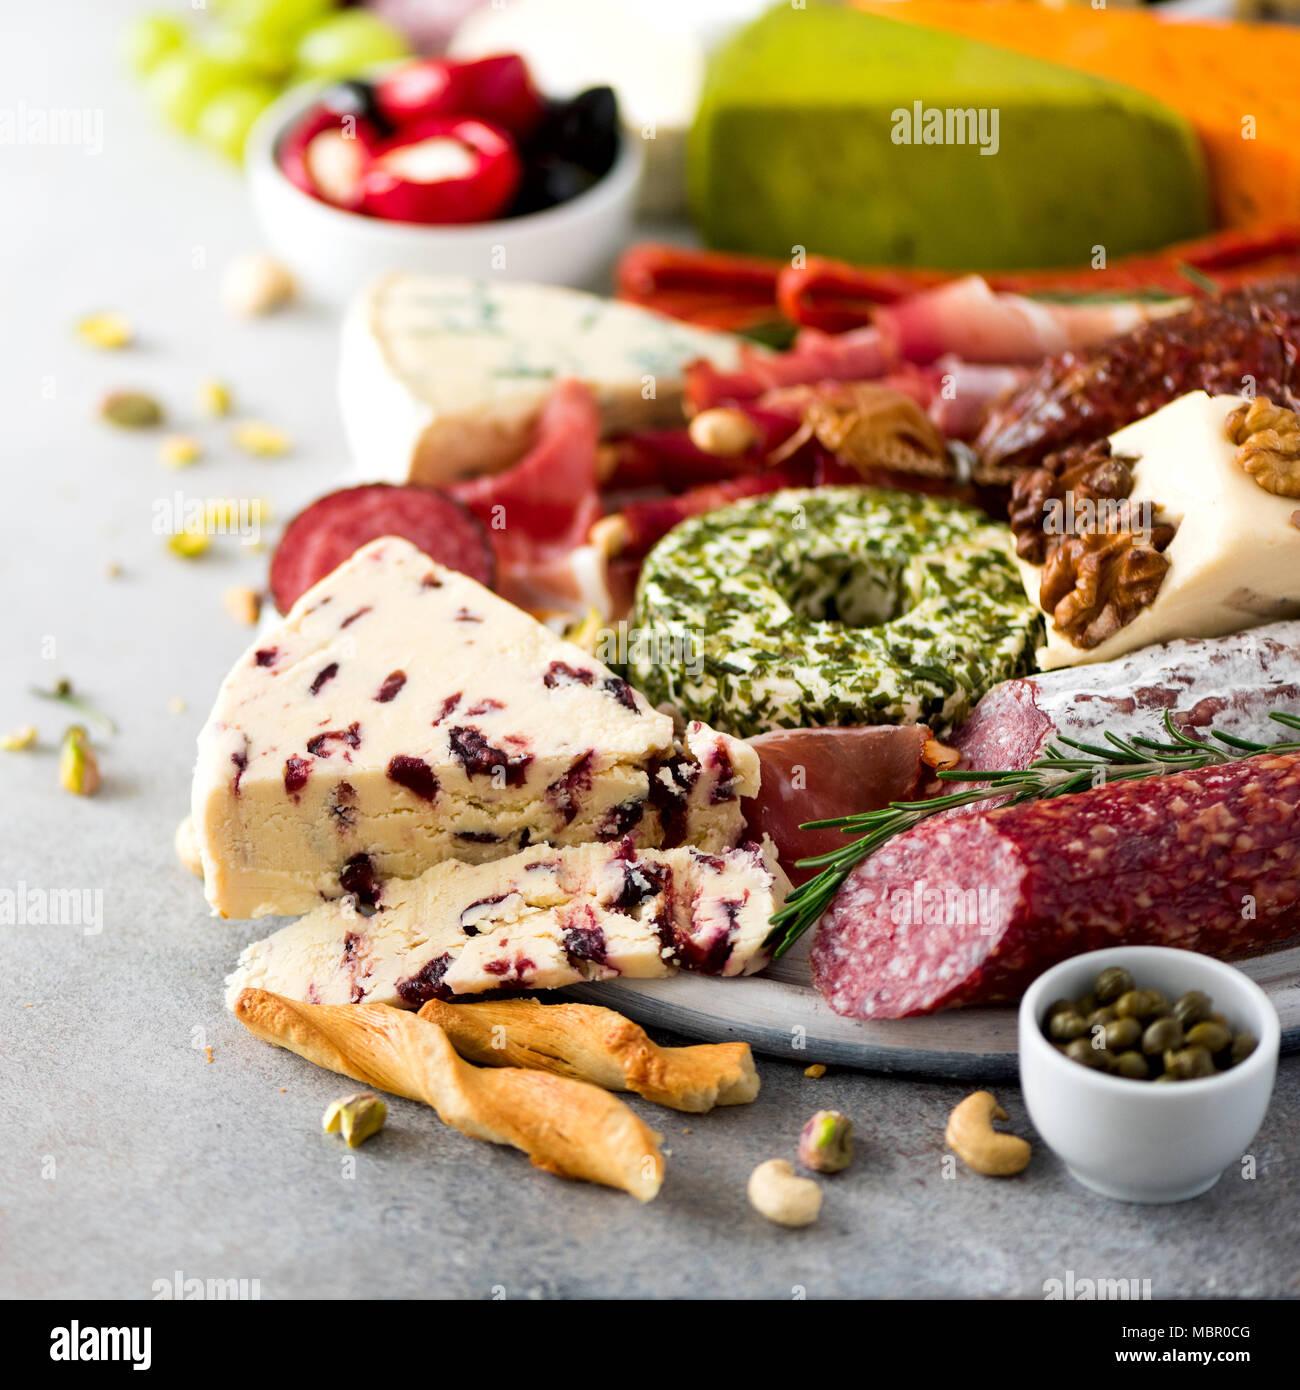 Antipasto italiano tradicional, la tabla de cortar con salami, fría la carne ahumada, Jamón, jamón, queso, aceitunas, alcaparras sobre fondo gris. Aperitivo de queso y carne. Recortar cuadrados Foto de stock